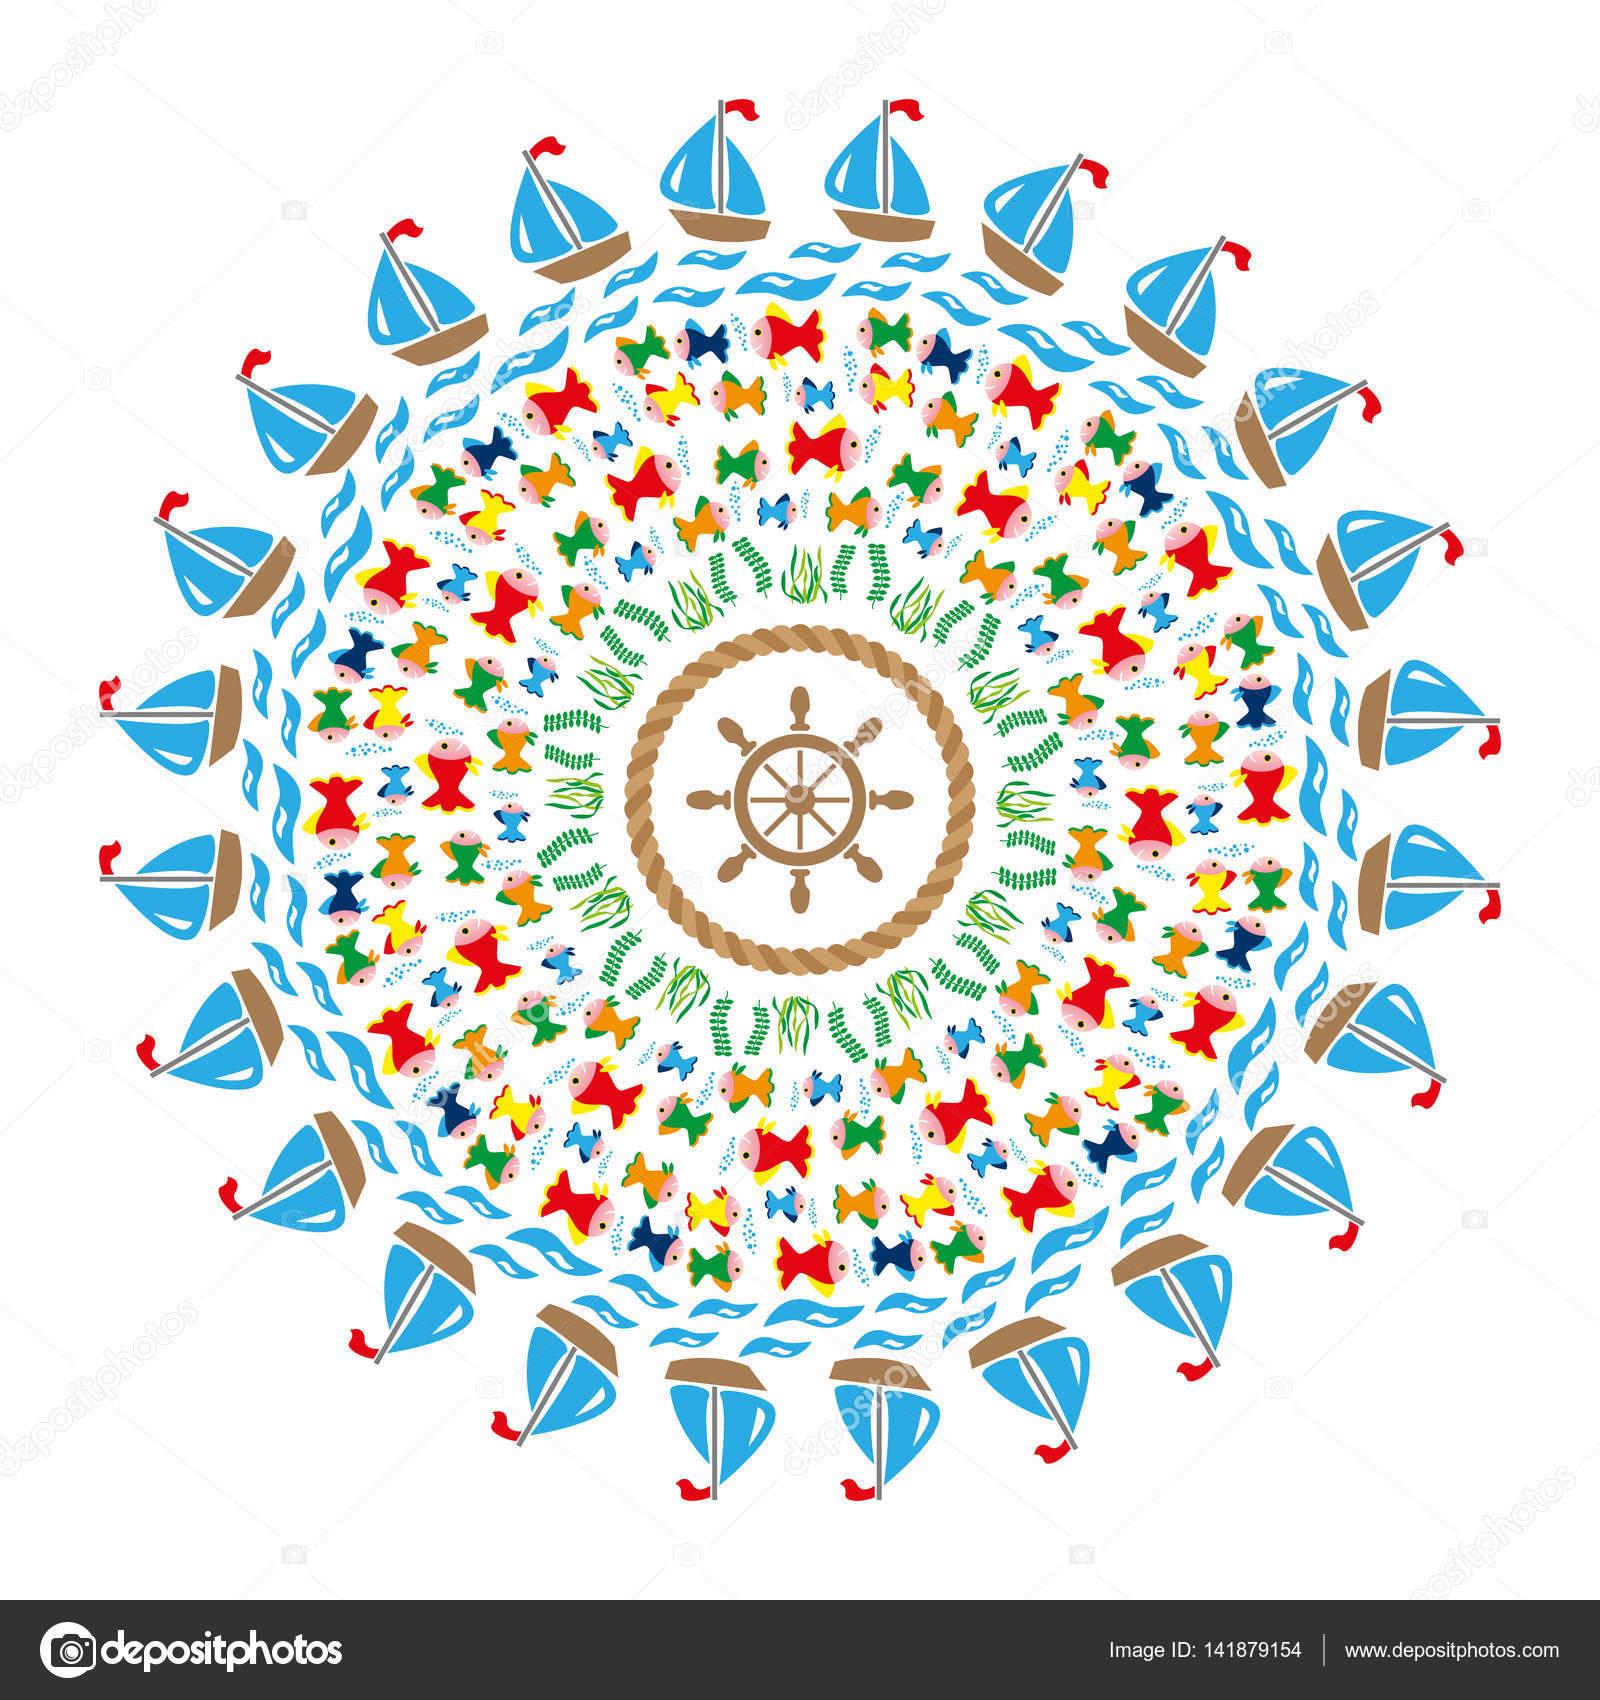 Vektor Farbige Runde Marine Mandala Mit Symbolen Meer Fische